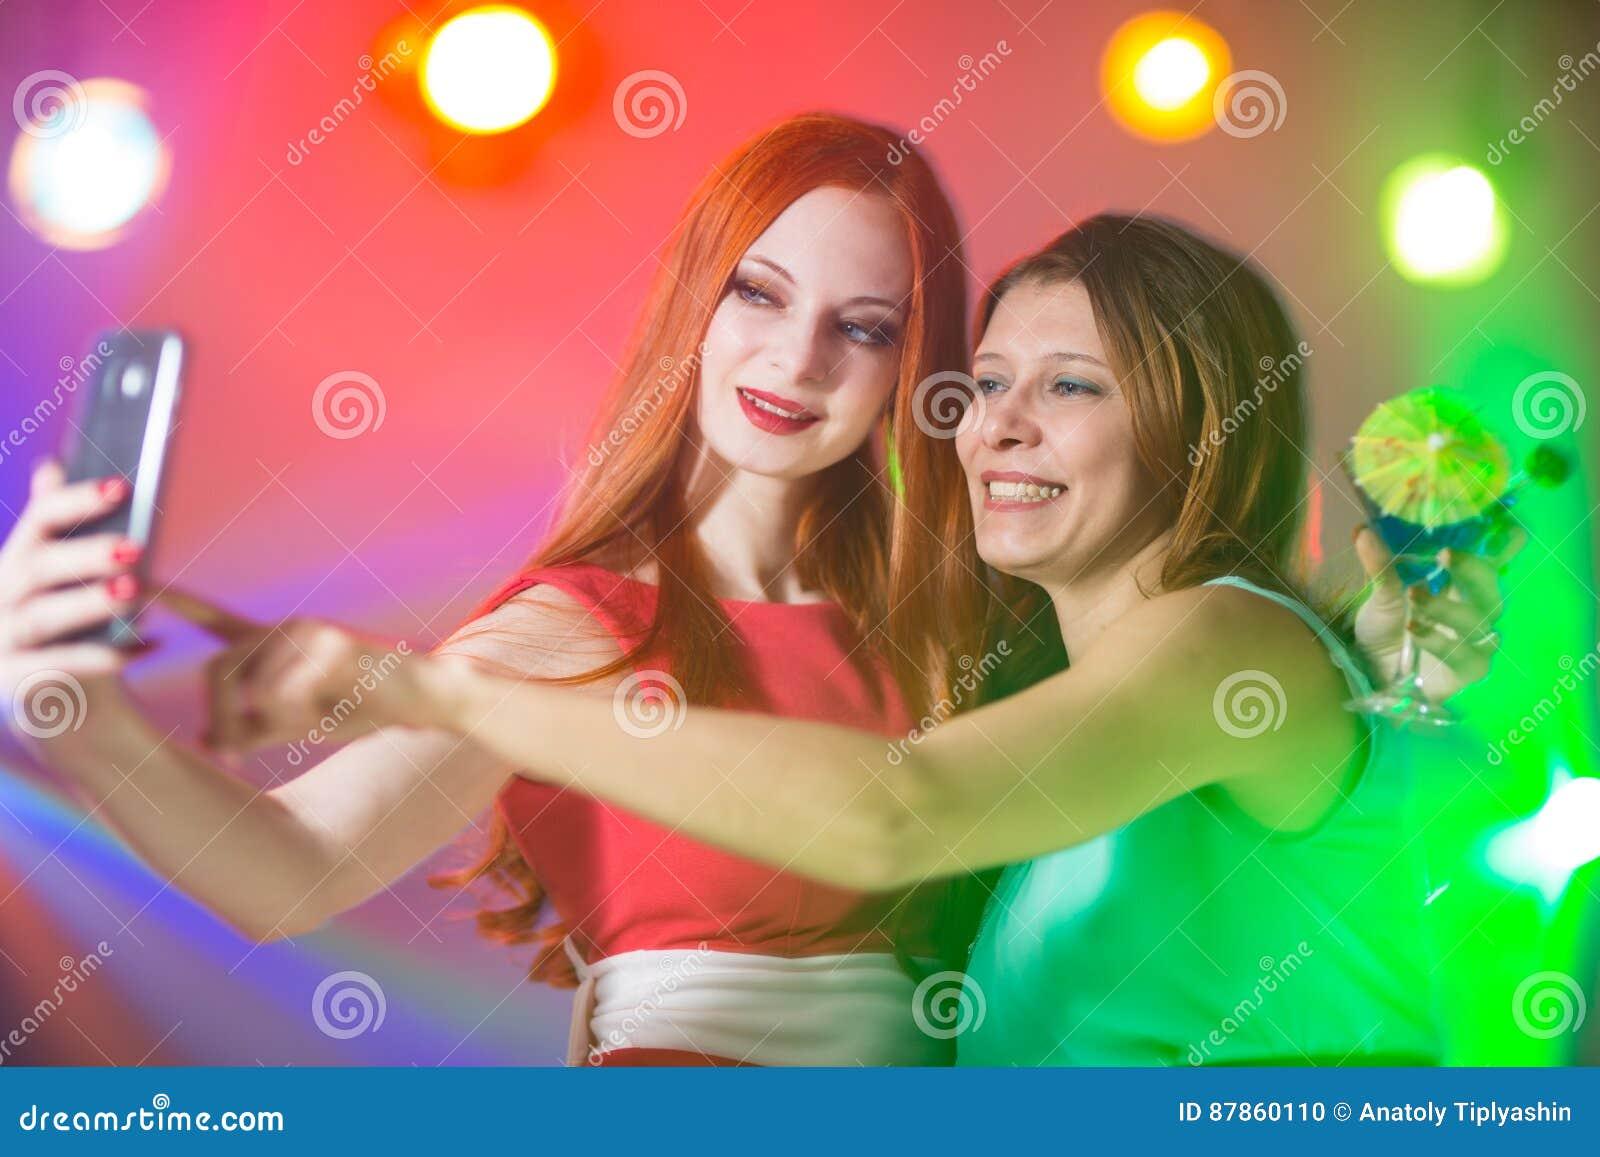 Två flickvänner i en nattklubb under strålkastaren